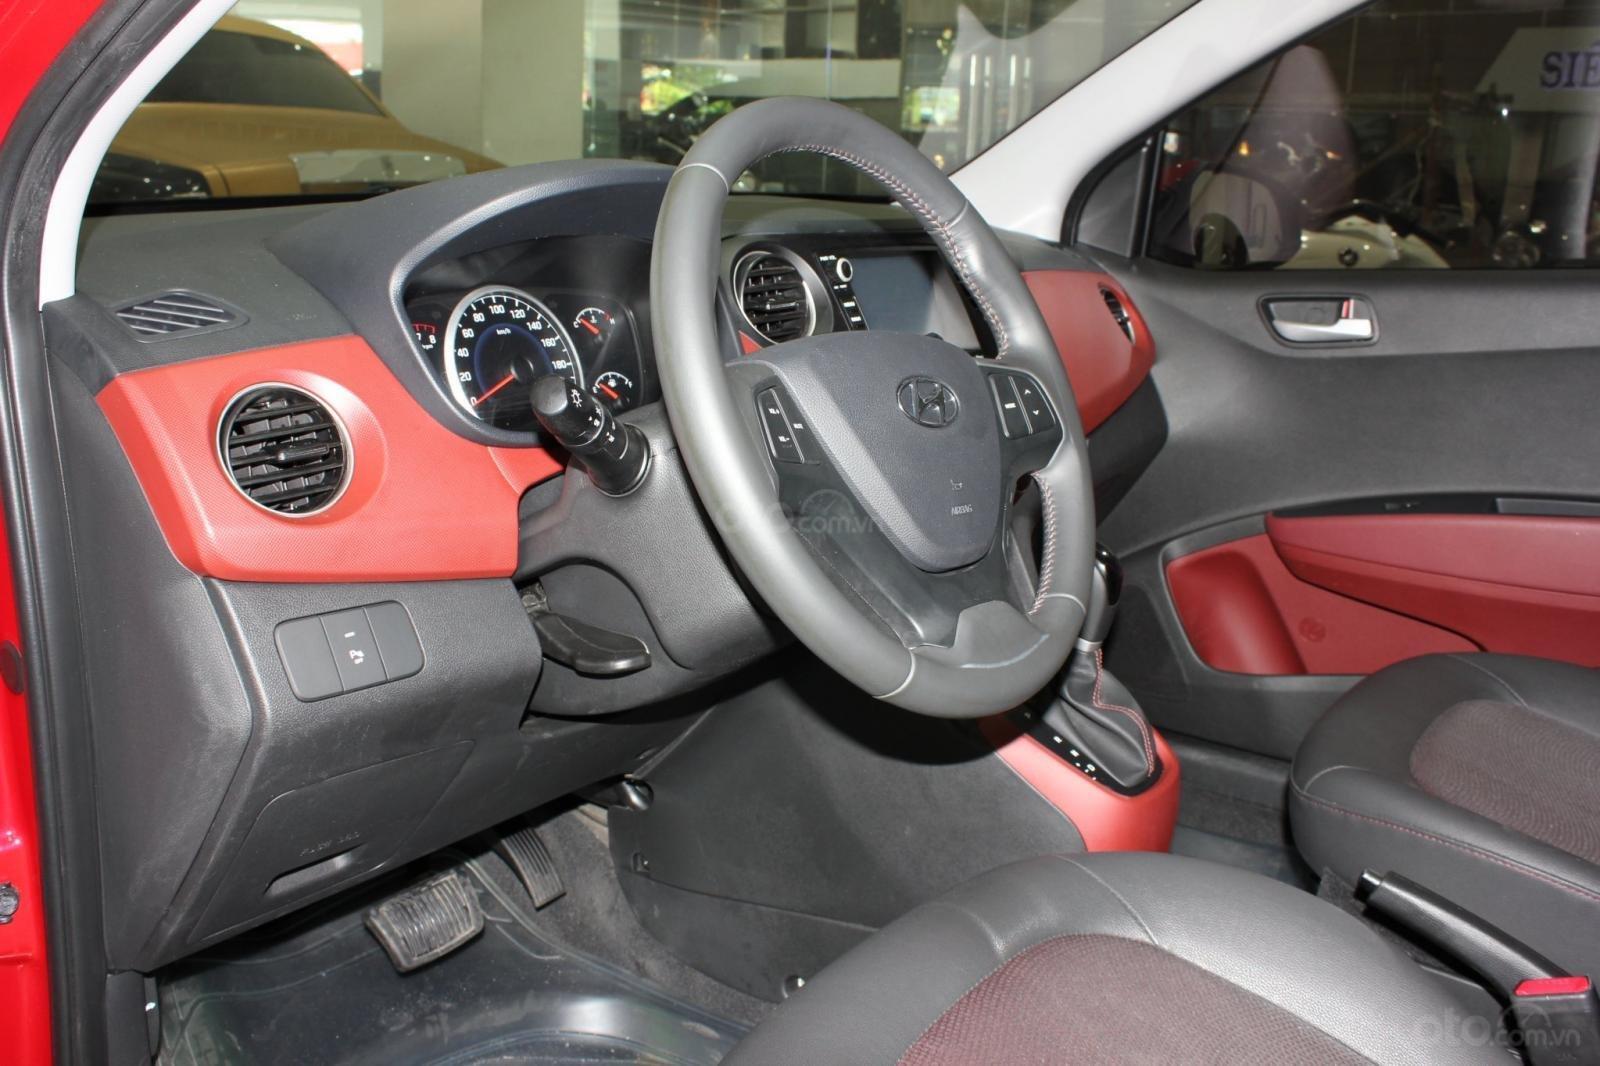 Hot hot hốt ngay Hyundai Grand i10 với giá cực hót và quà tặng hấp dẫn-11